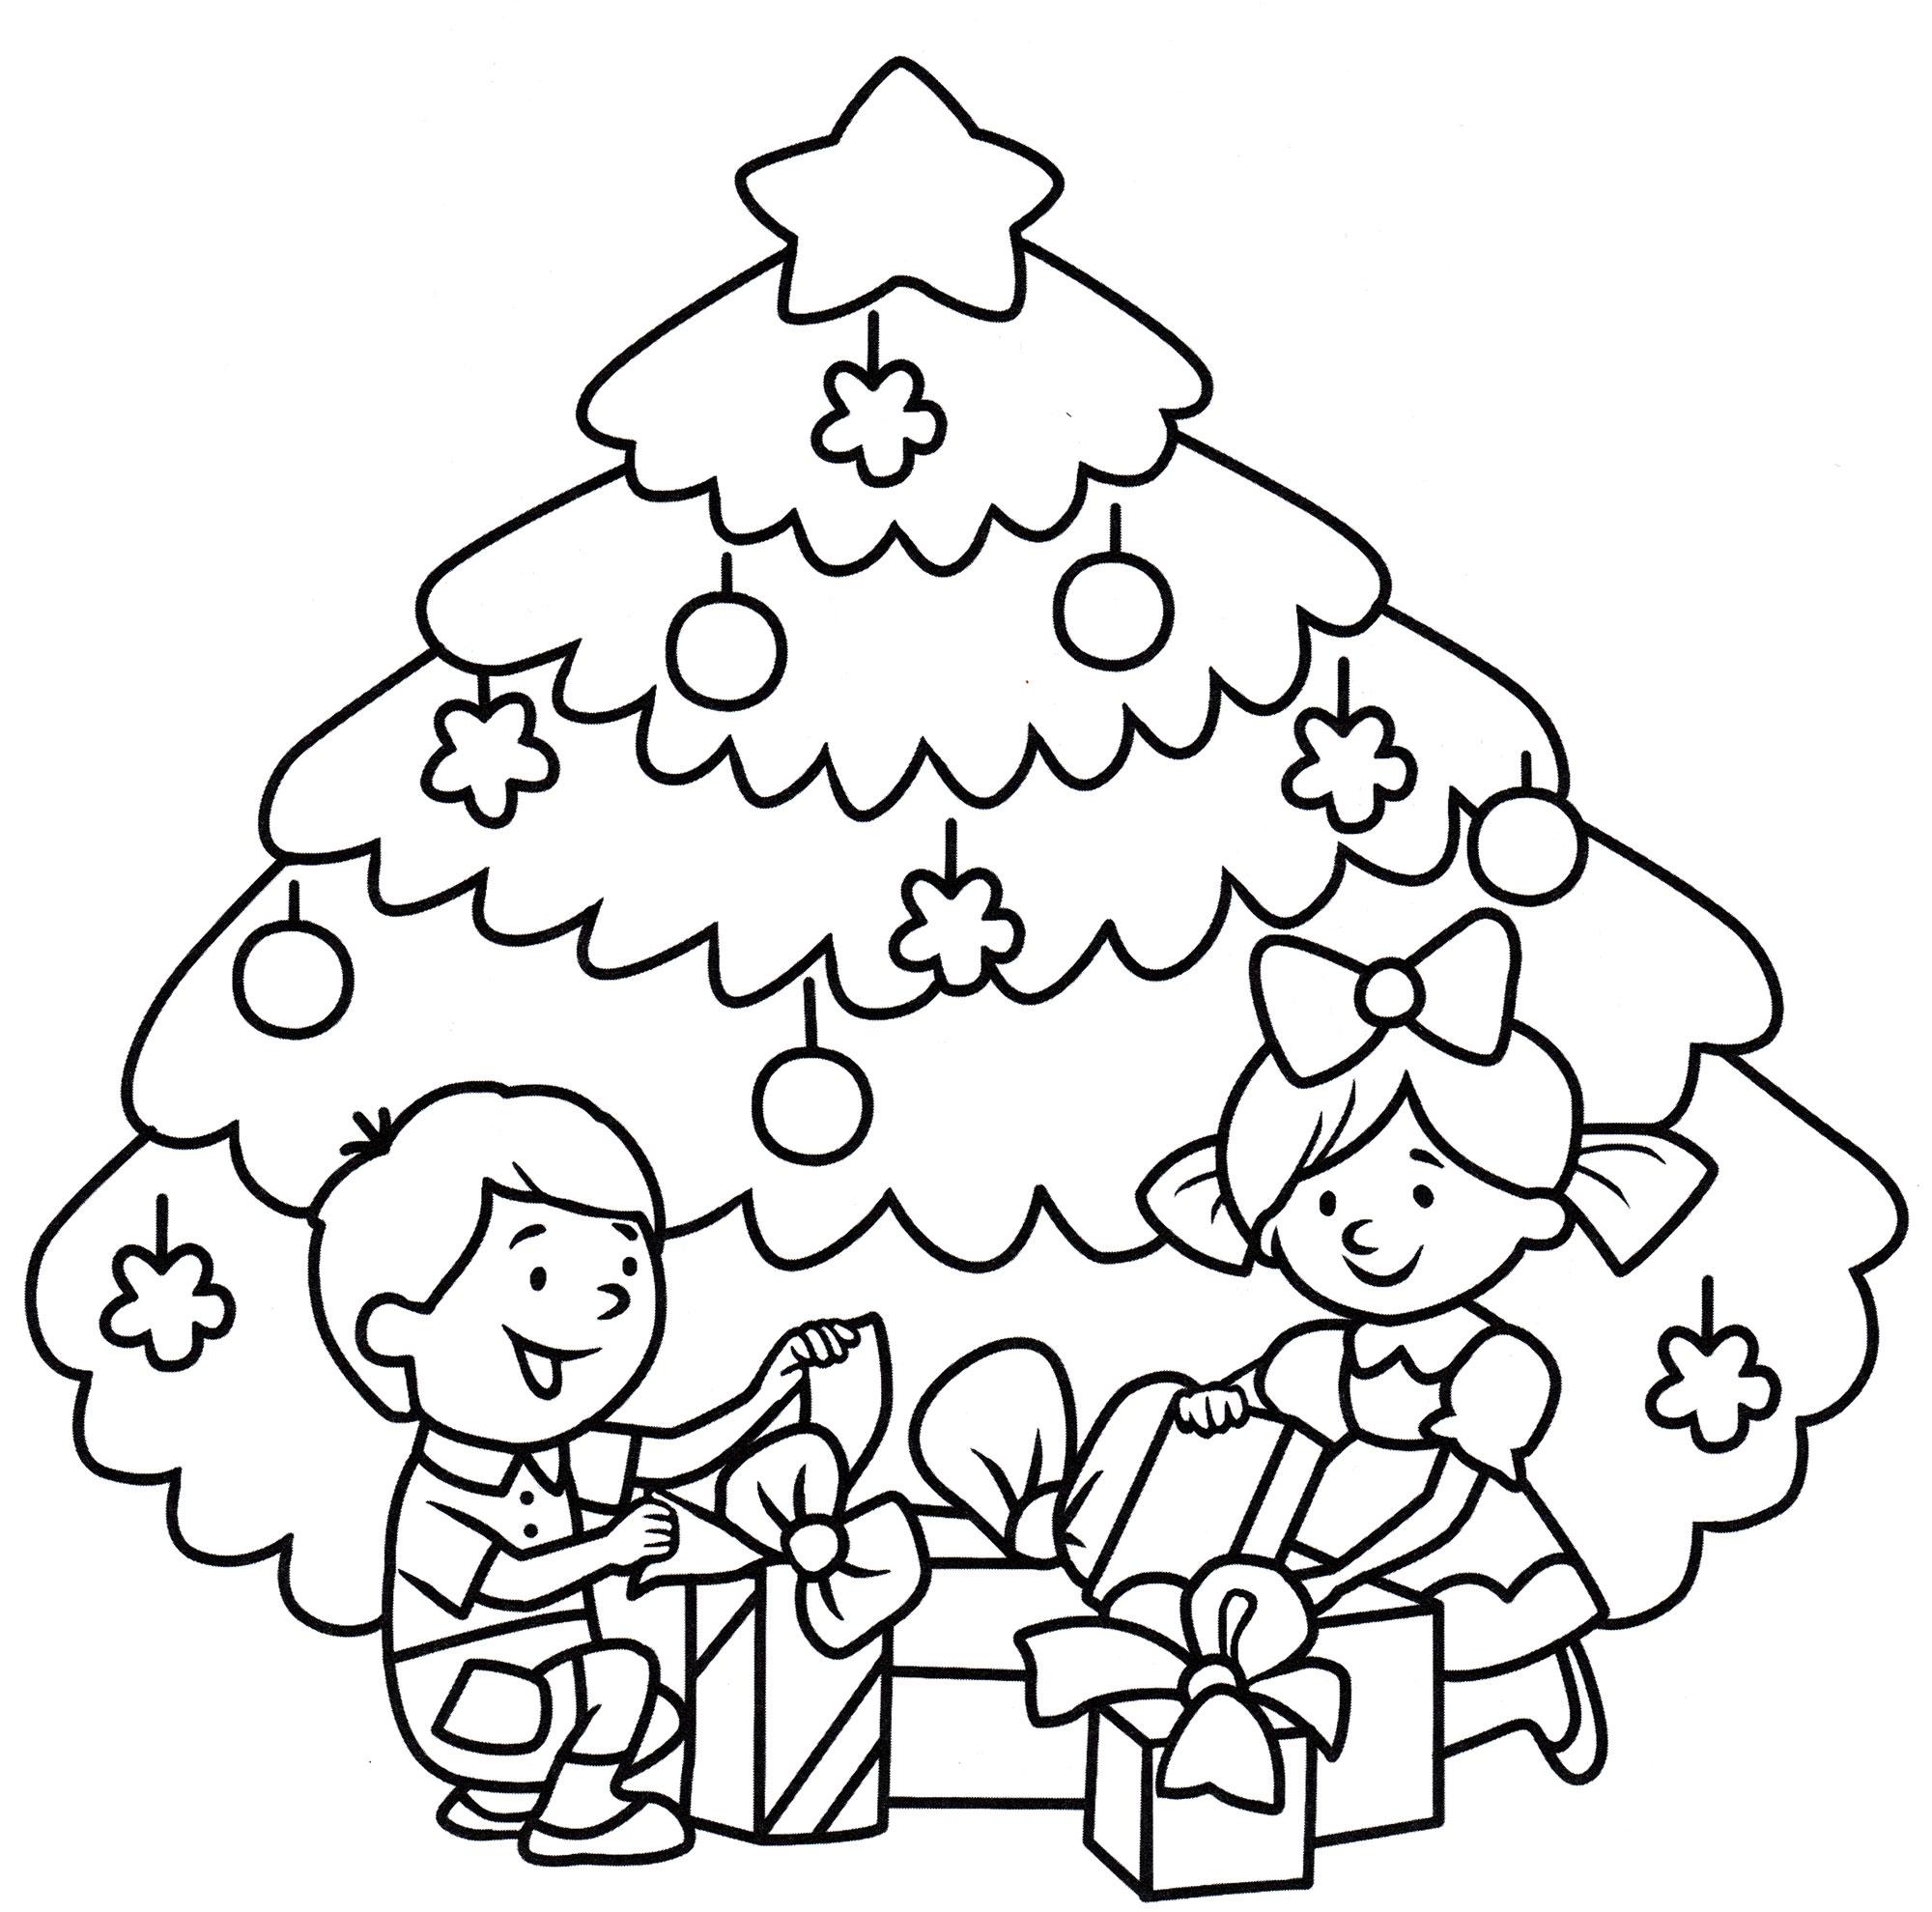 Раскраска Дети открывают подарки - распечатать бесплатно